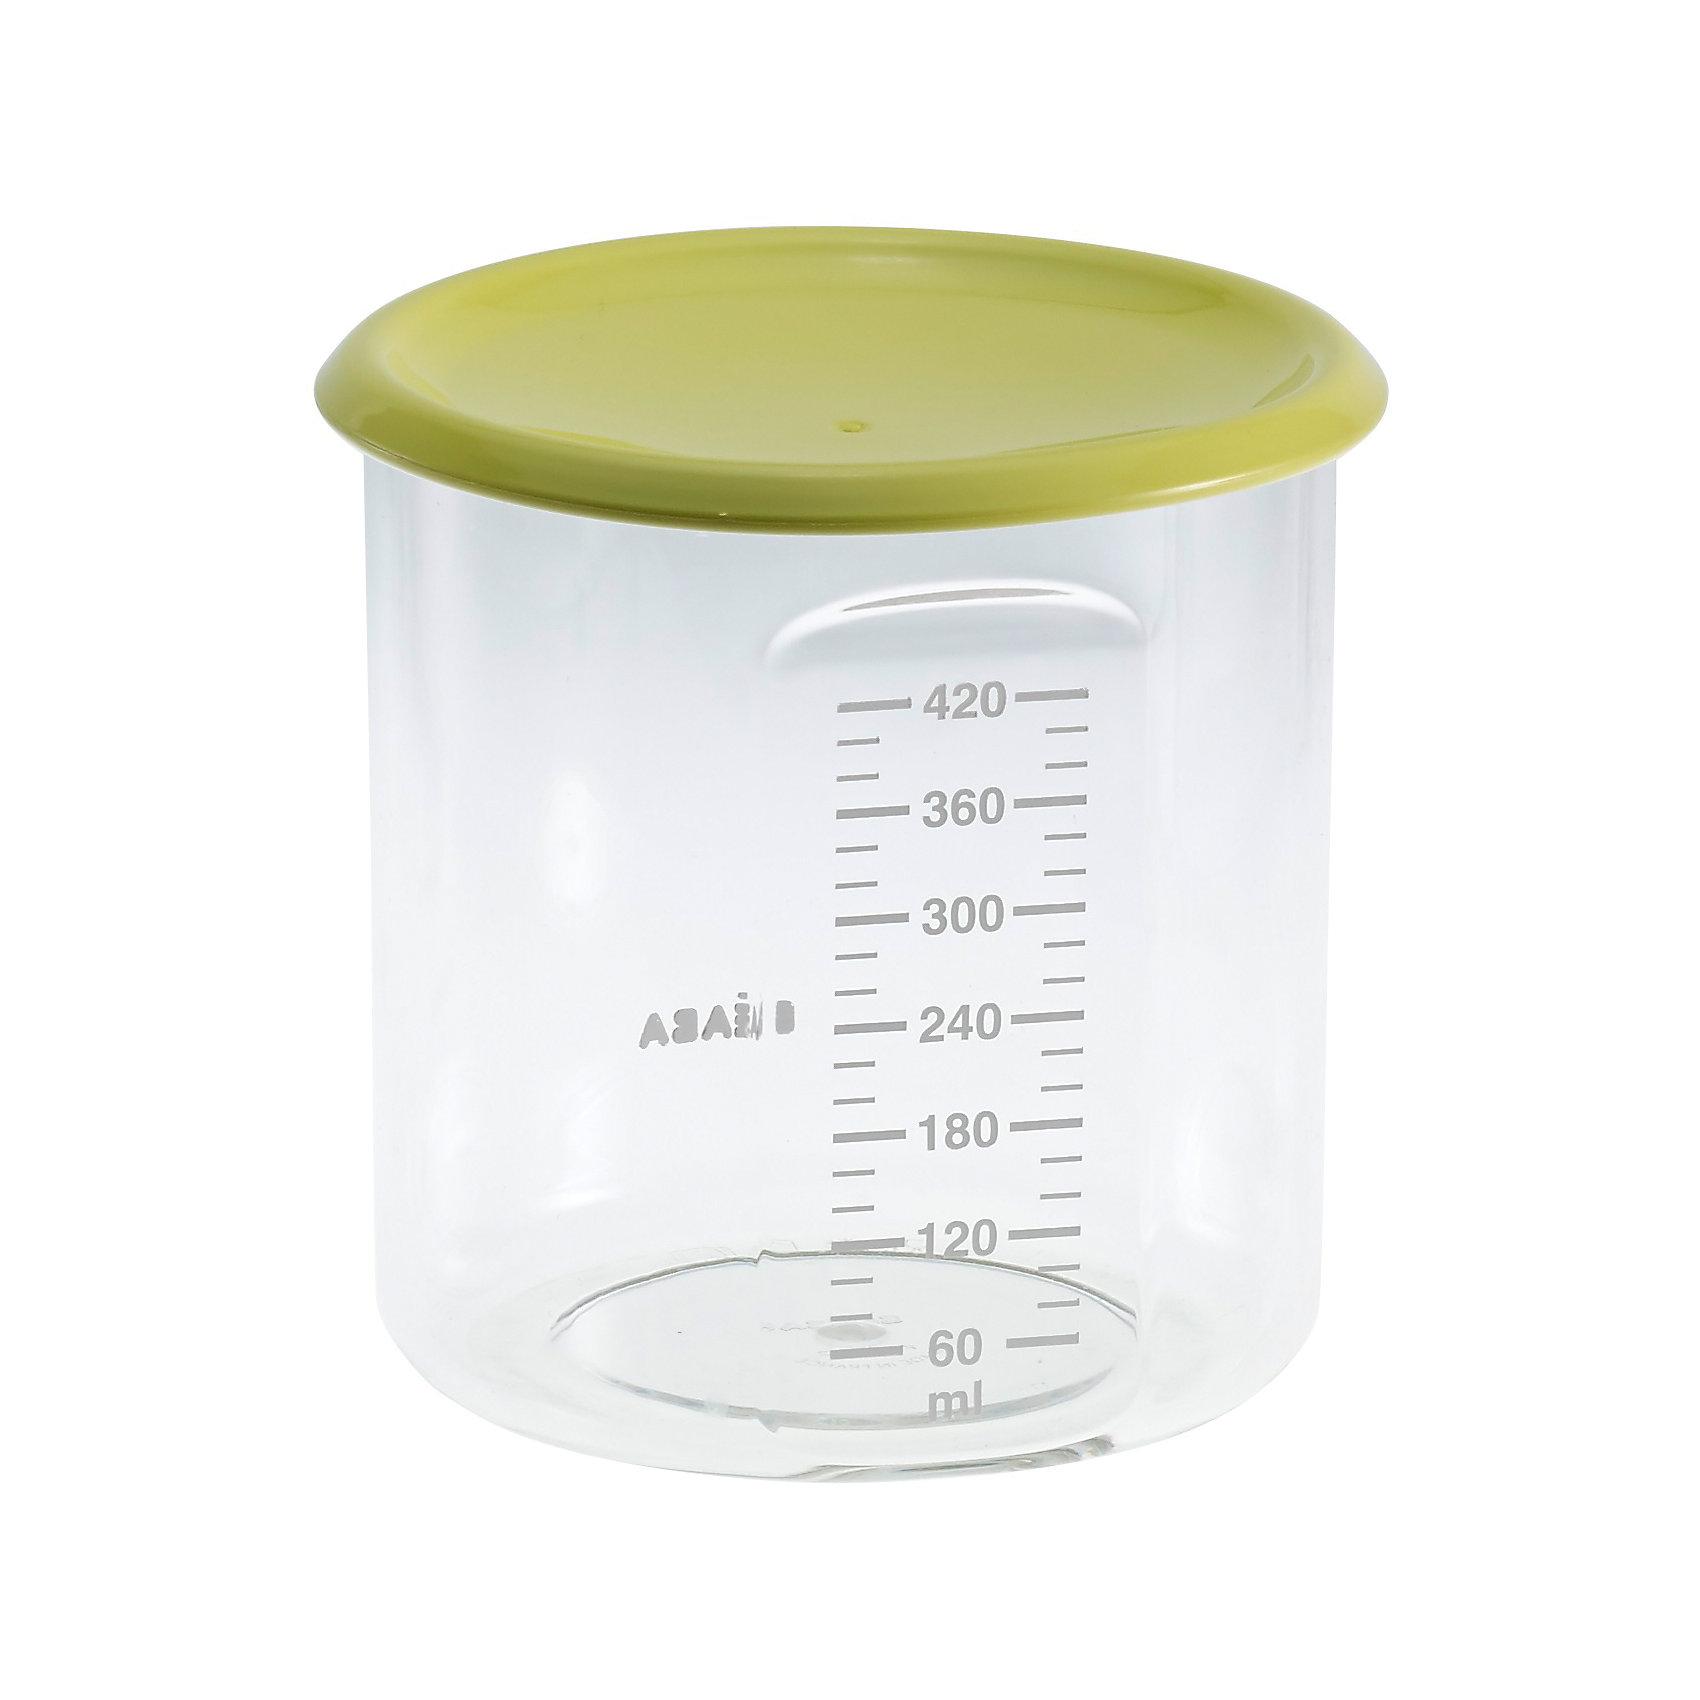 Контейнер для хранения Maxi+Portion 420мл, Beaba, салатовыйПосуда для малышей<br>Контейнер для хранения Maxi+Portion 420мл, Beaba (Беаба), салатовый<br><br>Характеристики:<br><br>• герметично закрывается крышкой<br>• удобная мерная шкала до 420 мл<br>• не содержит бисфенол А<br>• можно разогревать в микроволновой печи и мыть в посудомоечной машине<br>• цвет: салатовый<br>• объем: 500 мл<br>• вес: 200 грамм<br><br>Контейнер Maxi+ Portion - отличный помощник для родителей. Крышка контейнера плотно закрывается для надежного хранения пищевых продуктов. Контейнер можно мыть в посудомоечной машине, использовать для заморозки продуктов и разогревать в микроволновой печи. Удобная мерная шкала поможет вам отмерить необходимое количество продукта. Не содержит бисфенол А.<br><br>Контейнер для хранения Maxi+Portion 420мл, Beaba (Беаба), салатовый можно купить в нашем интернет-магазине.<br><br>Ширина мм: 102<br>Глубина мм: 102<br>Высота мм: 101<br>Вес г: 110<br>Возраст от месяцев: 4<br>Возраст до месяцев: 2147483647<br>Пол: Унисекс<br>Возраст: Детский<br>SKU: 5445719